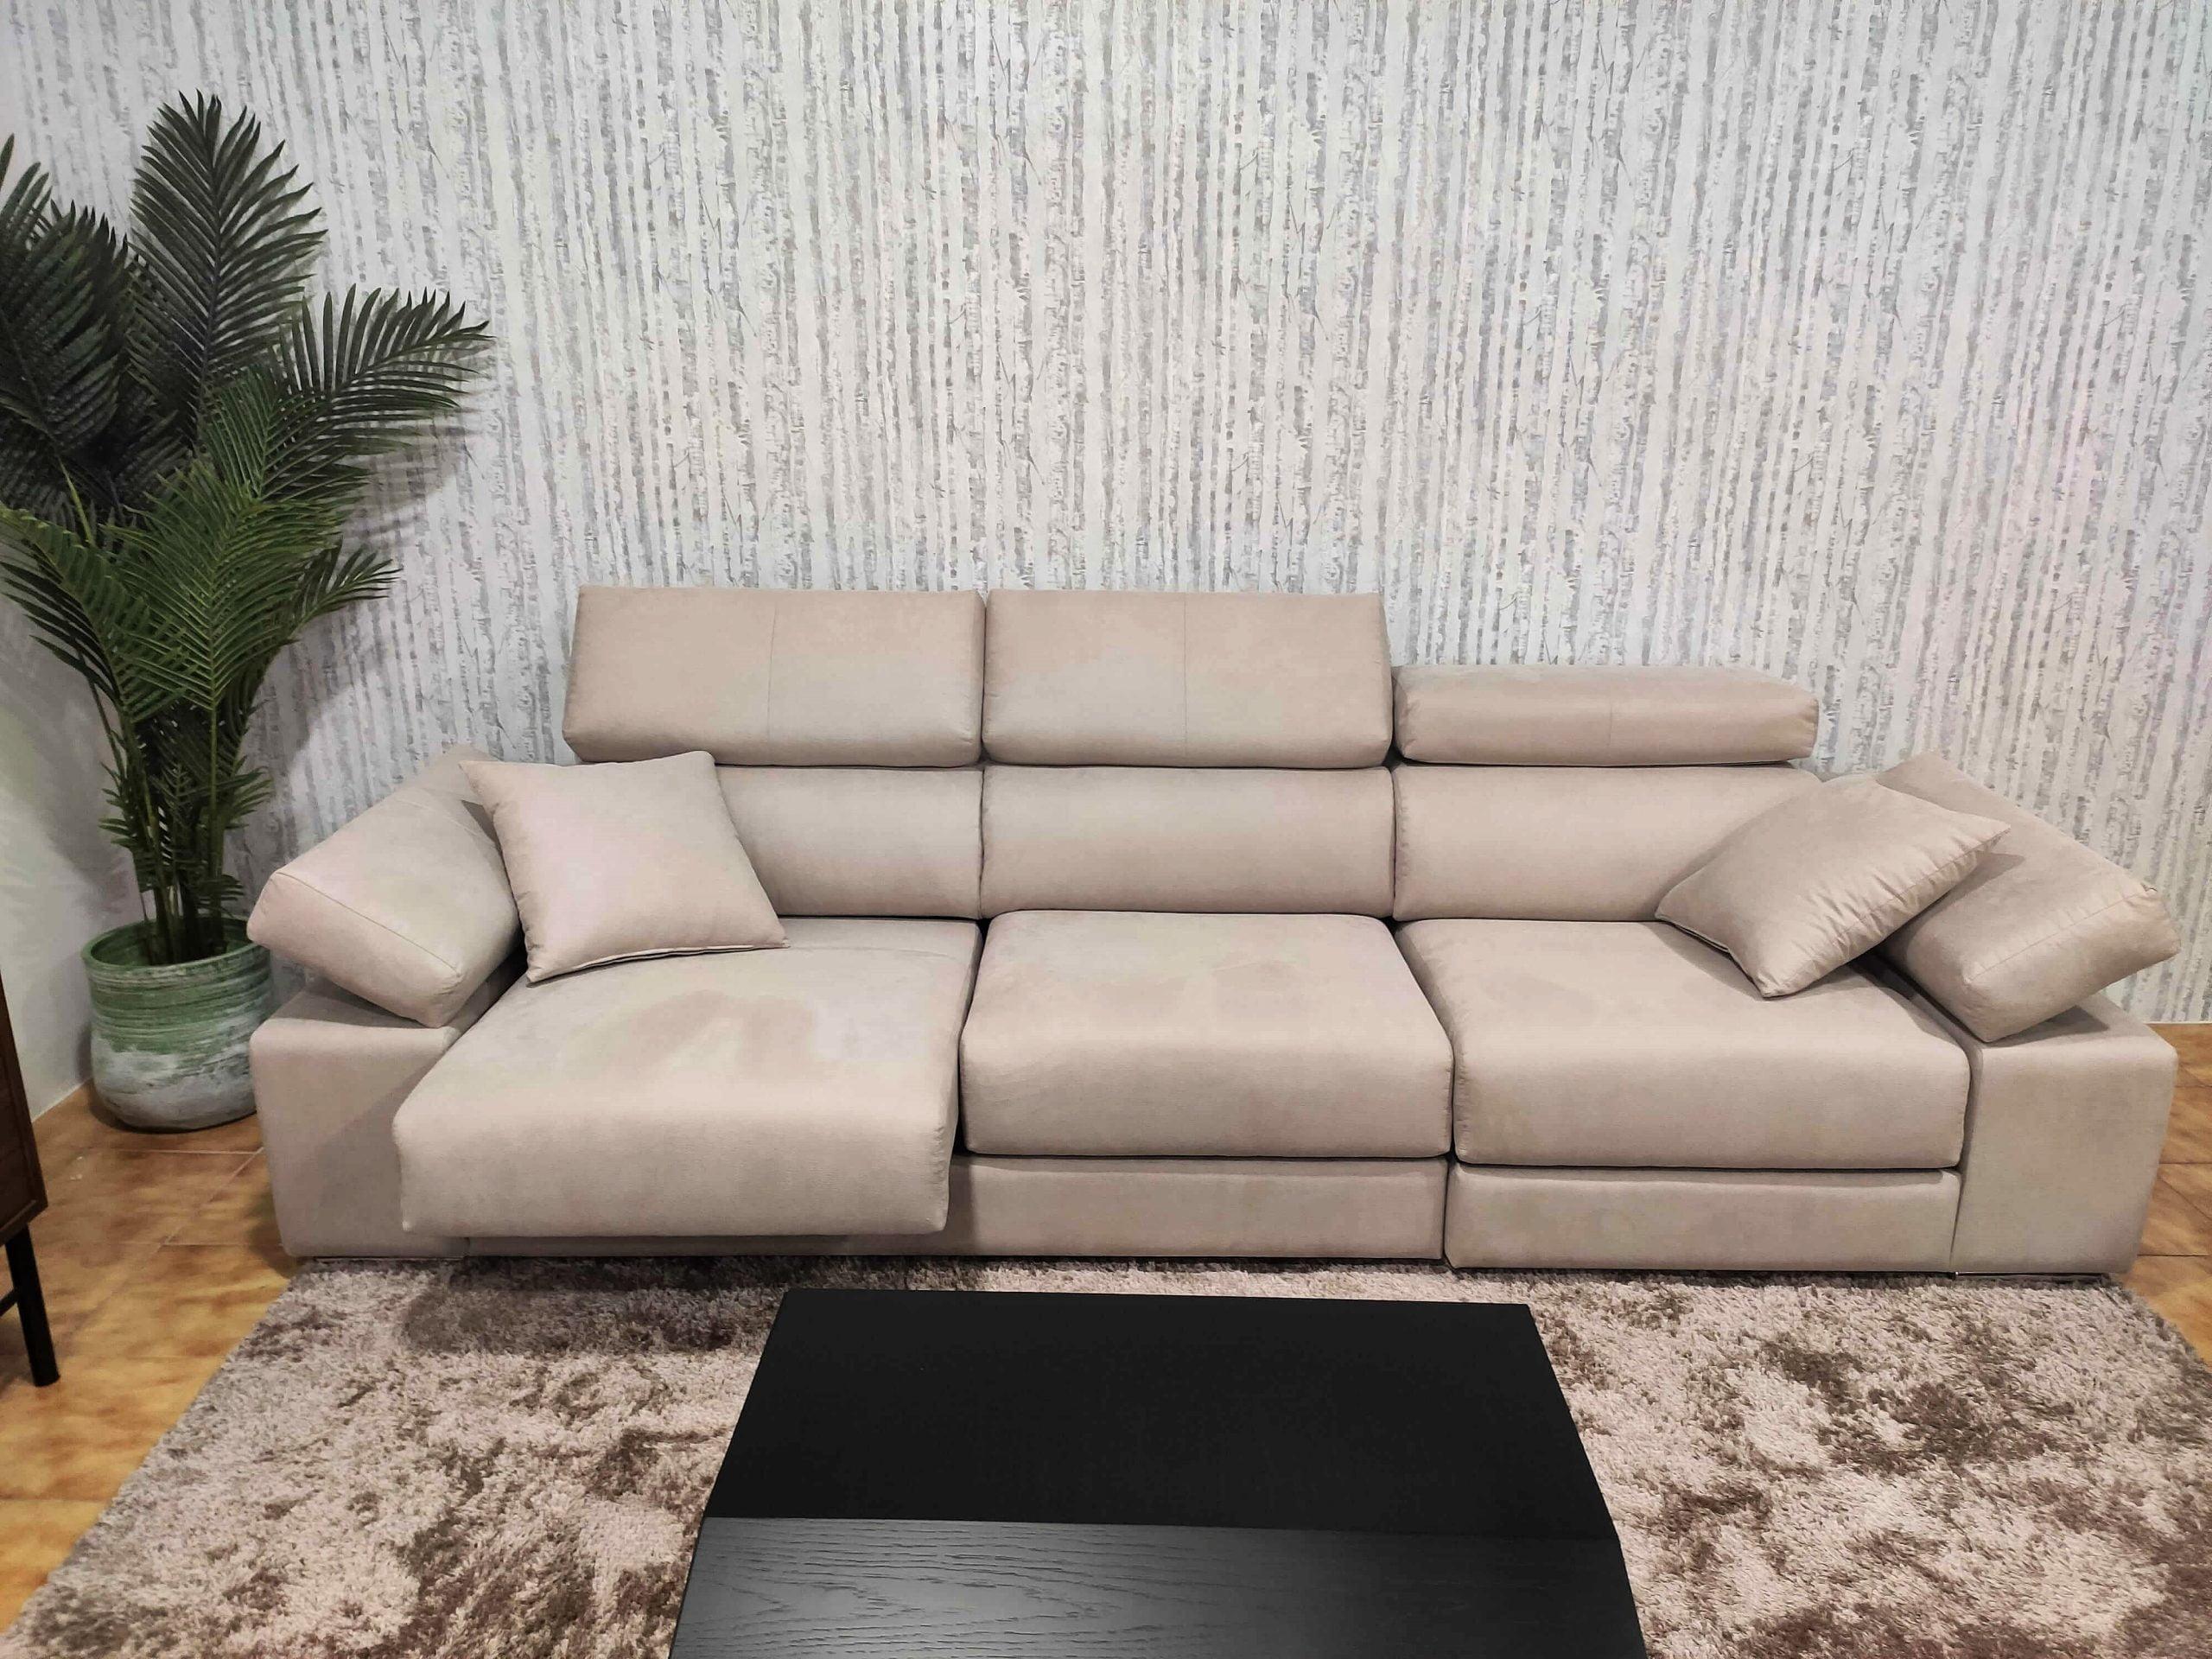 Sofa de 3 Lugares Relax A12 em tecido microfibra com encostos de cabeca e bracos reclinaveis e assentos deslizantes 2 scaled